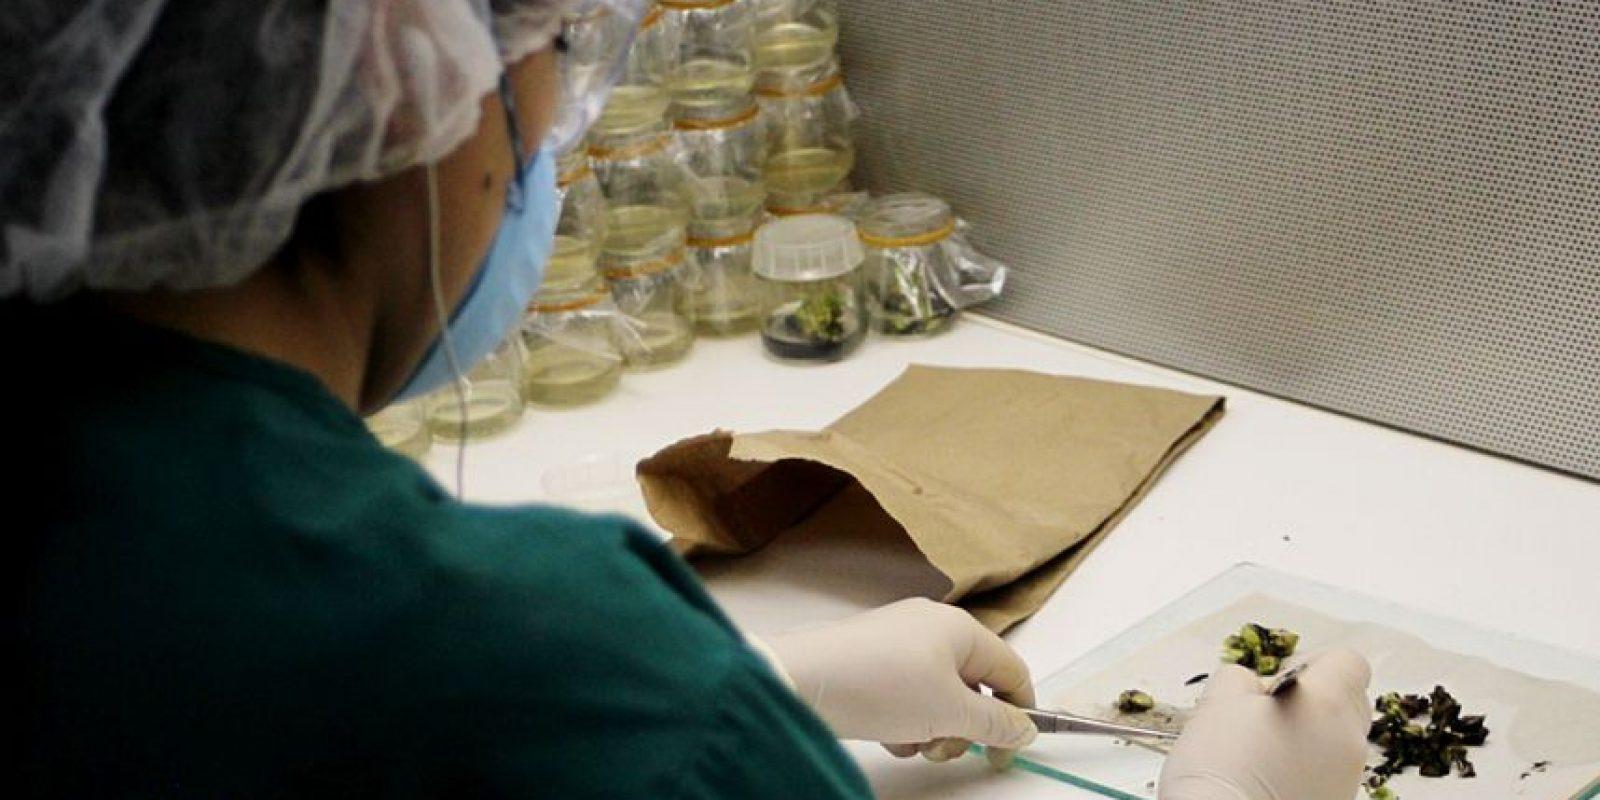 Las semillas son revisadas de forma cuidadosa. Foto:Conap